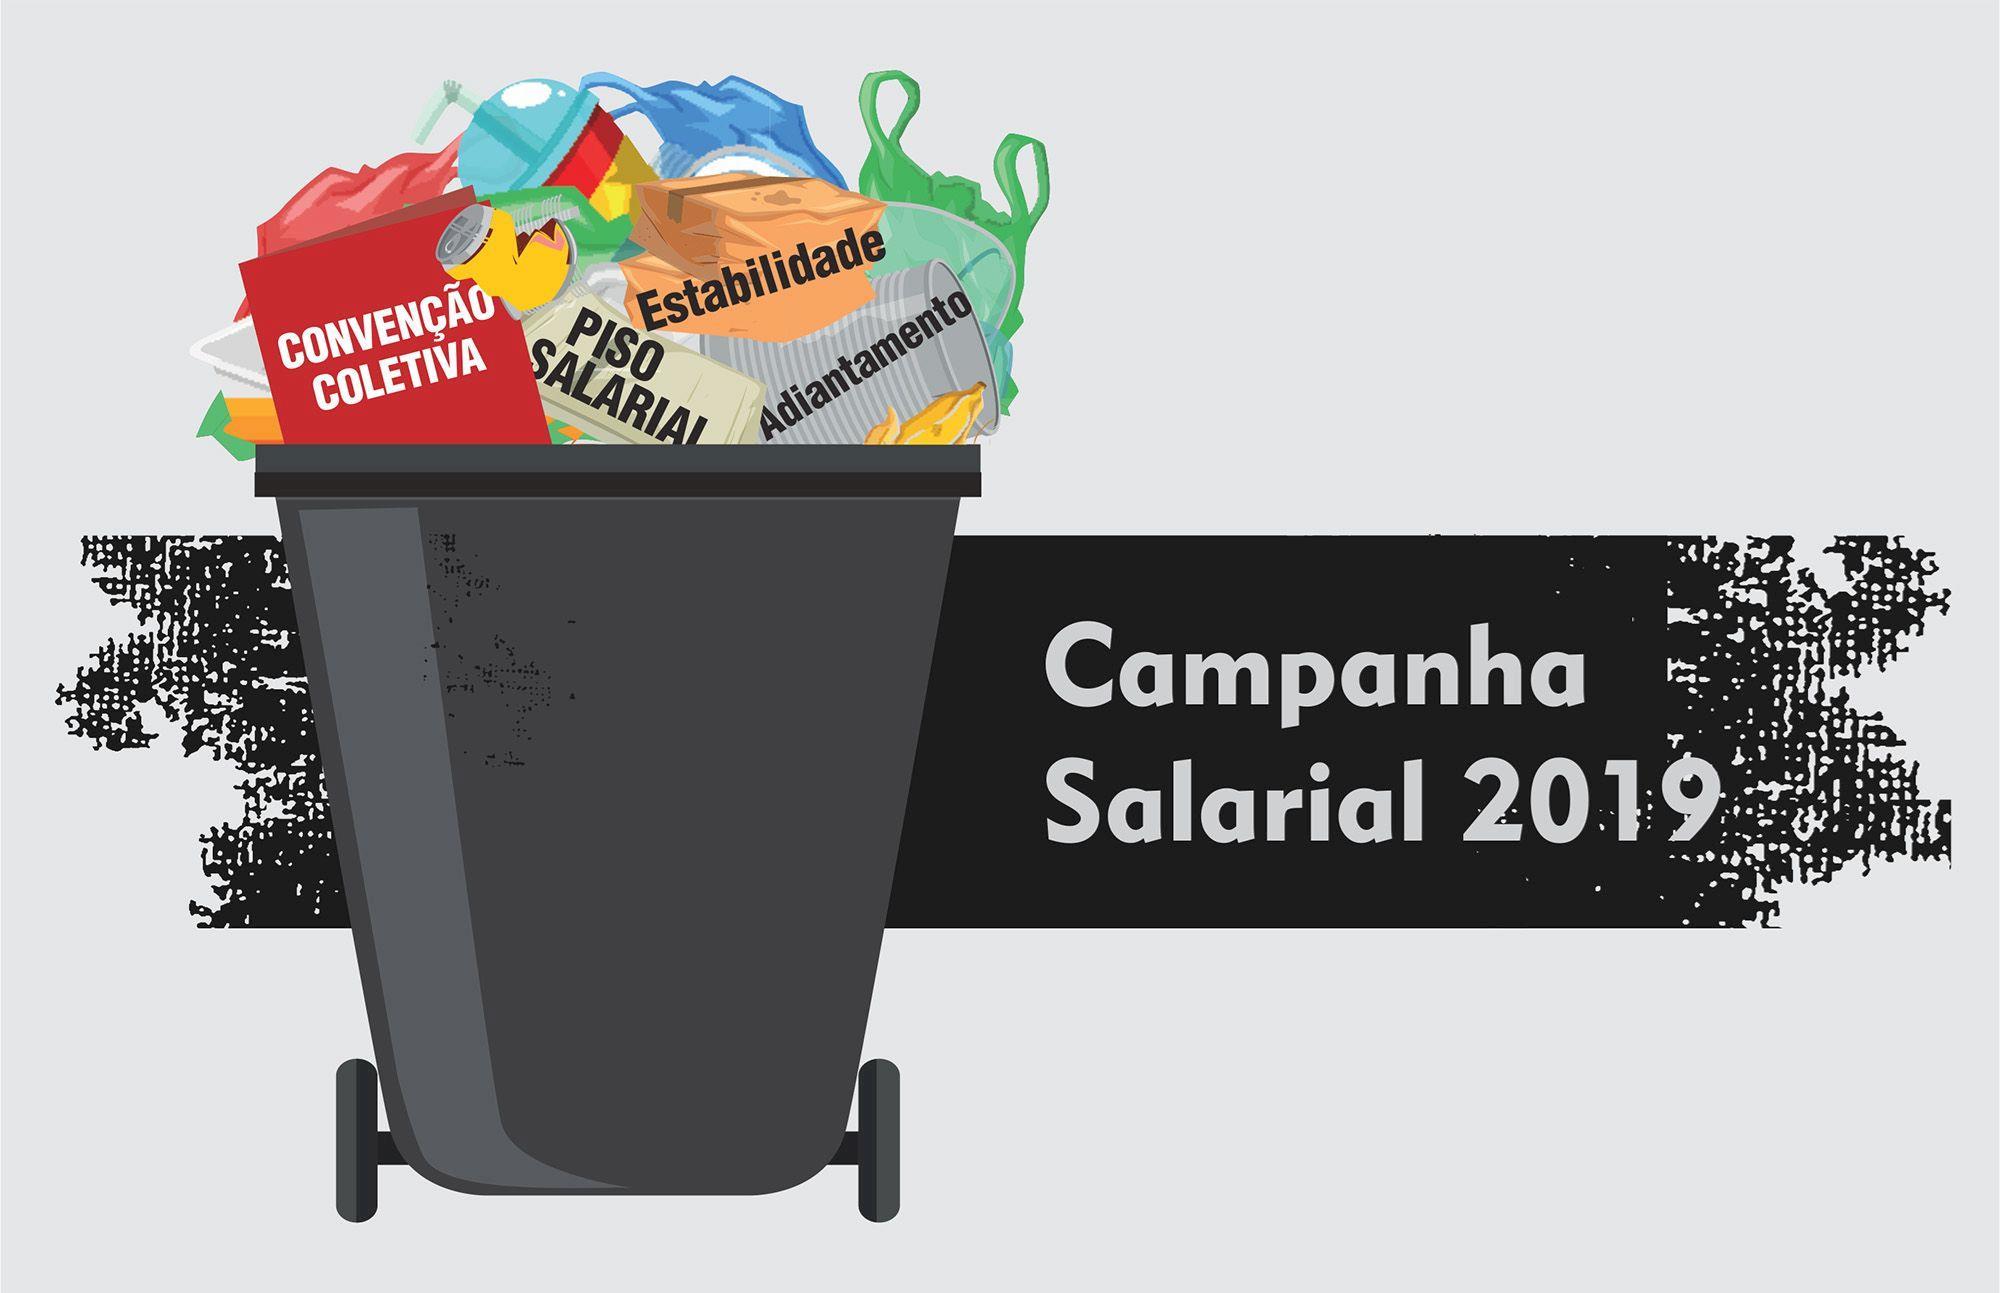 campanha, salarial, smetal, direito, convenção, lixo,, Arte: Cassio Freire / Imprensa SMetal